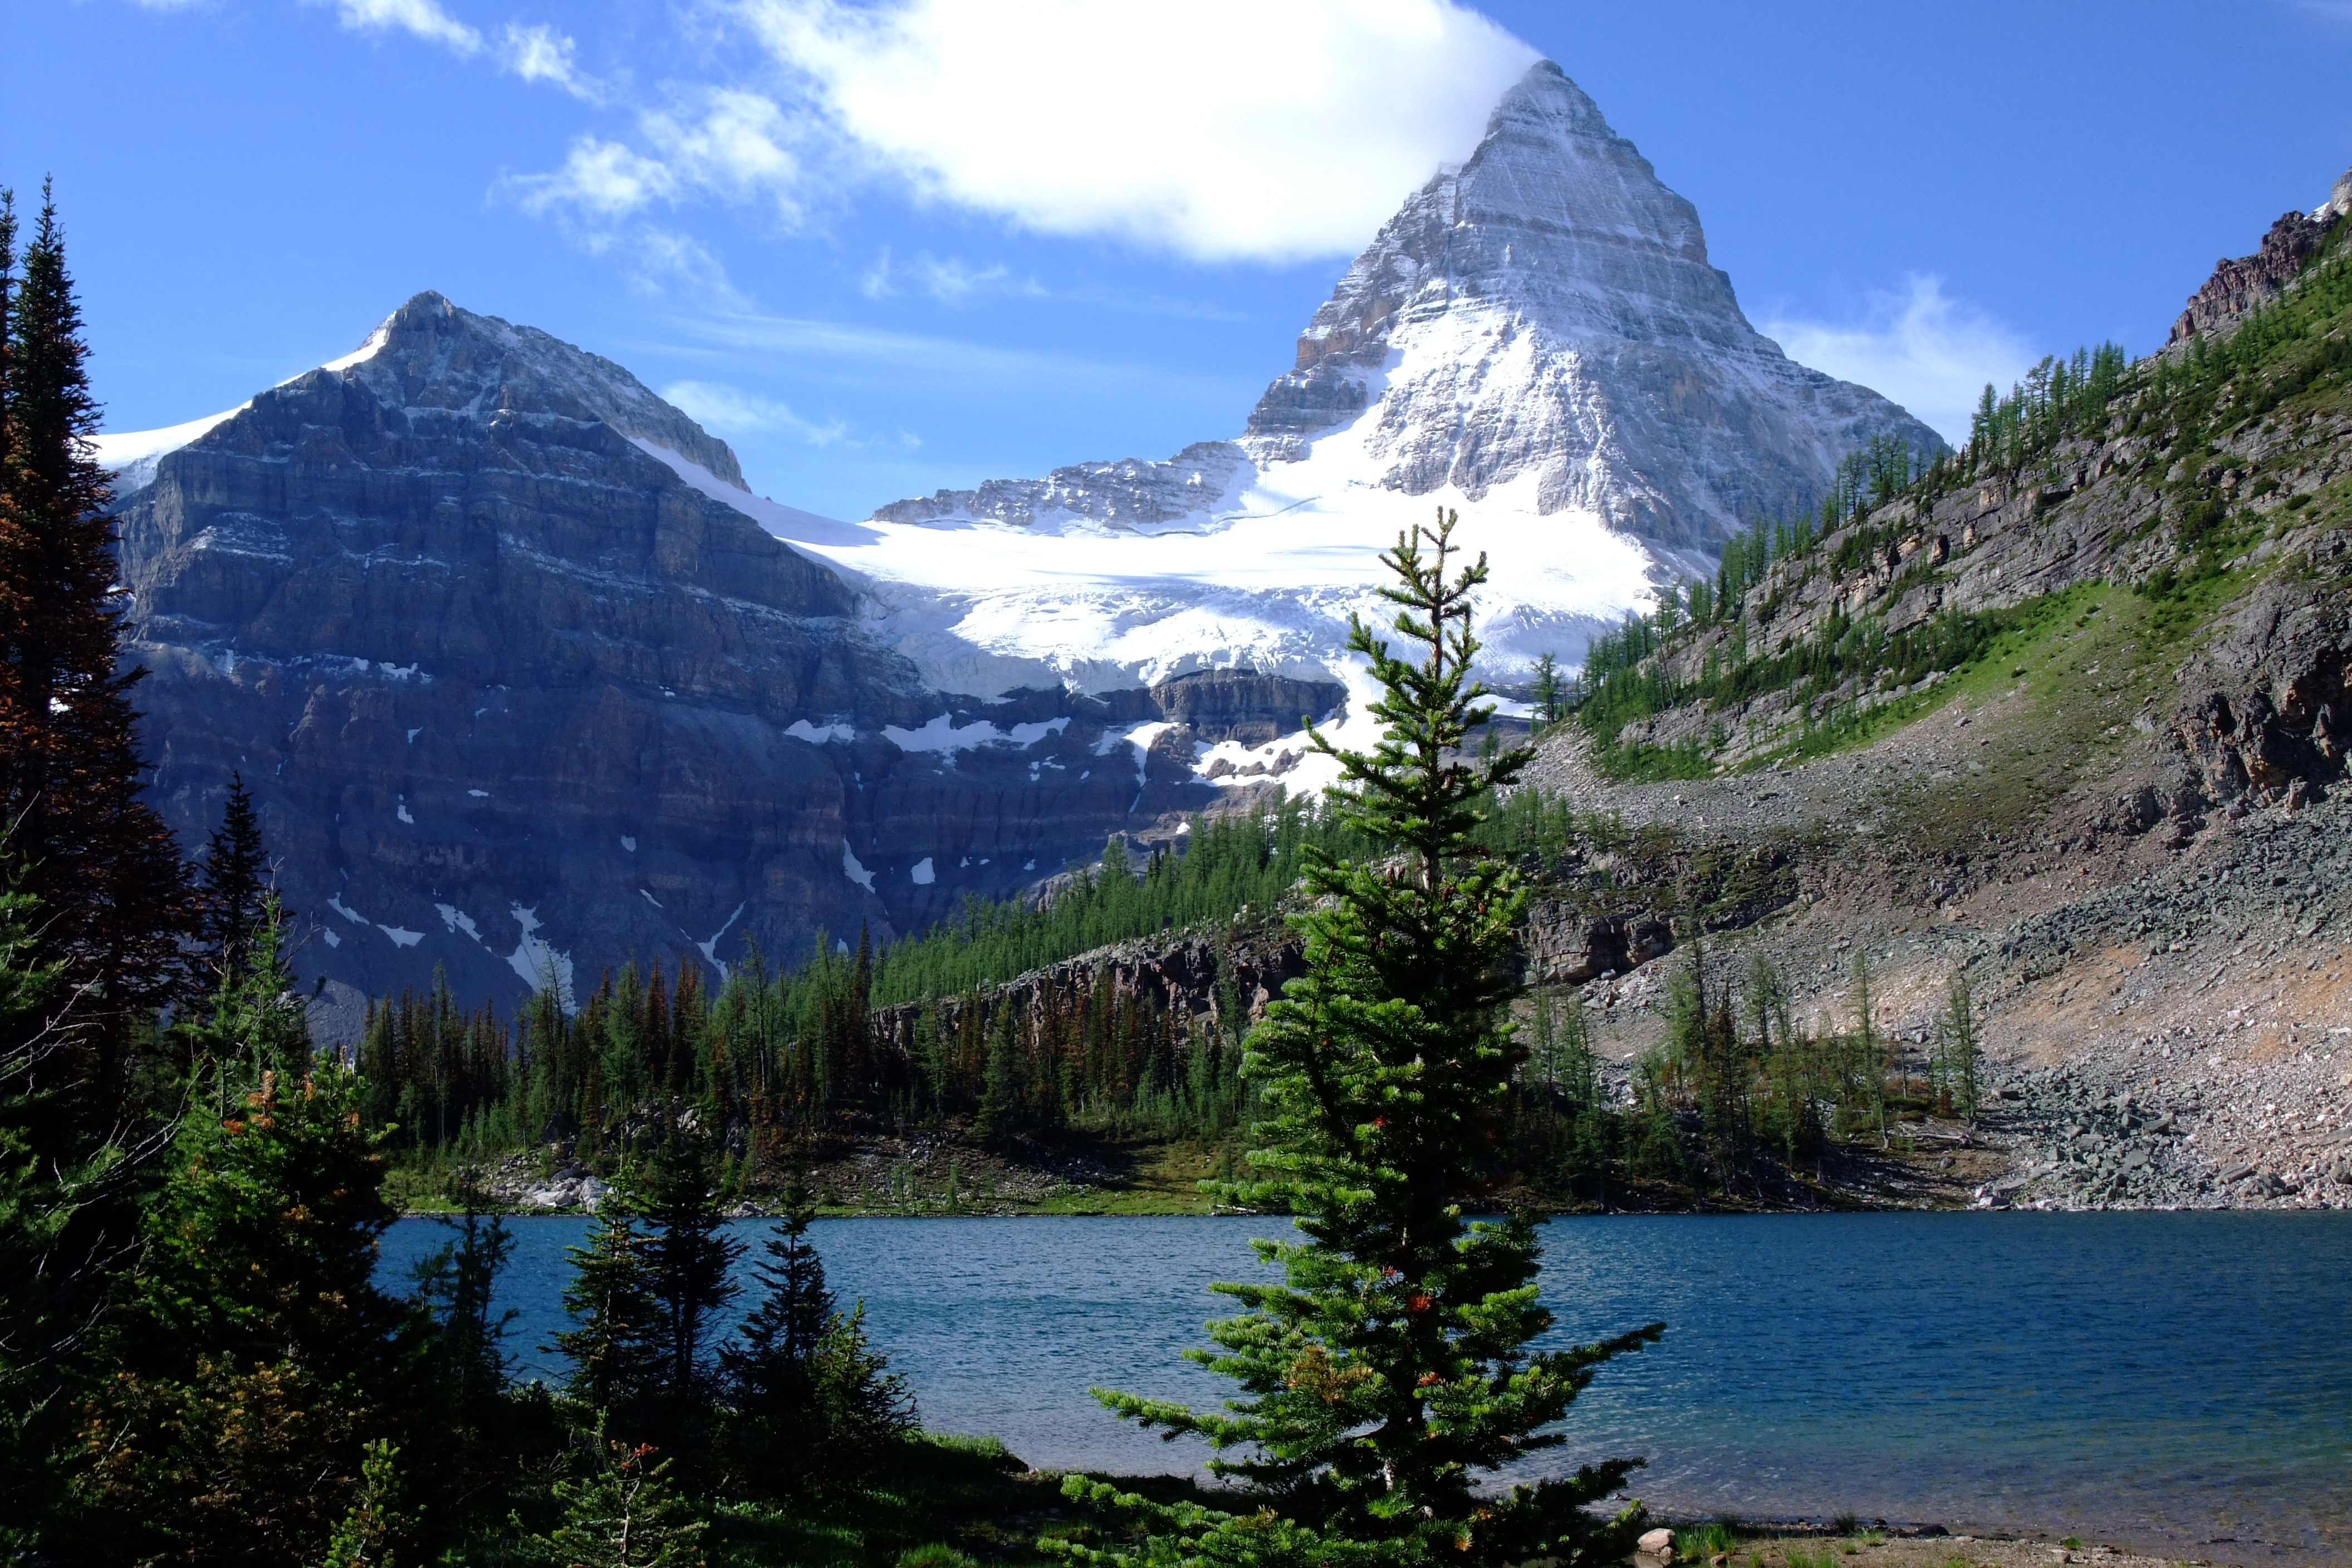 Mount_Assiniboine_Sunburst_Lake.jpg